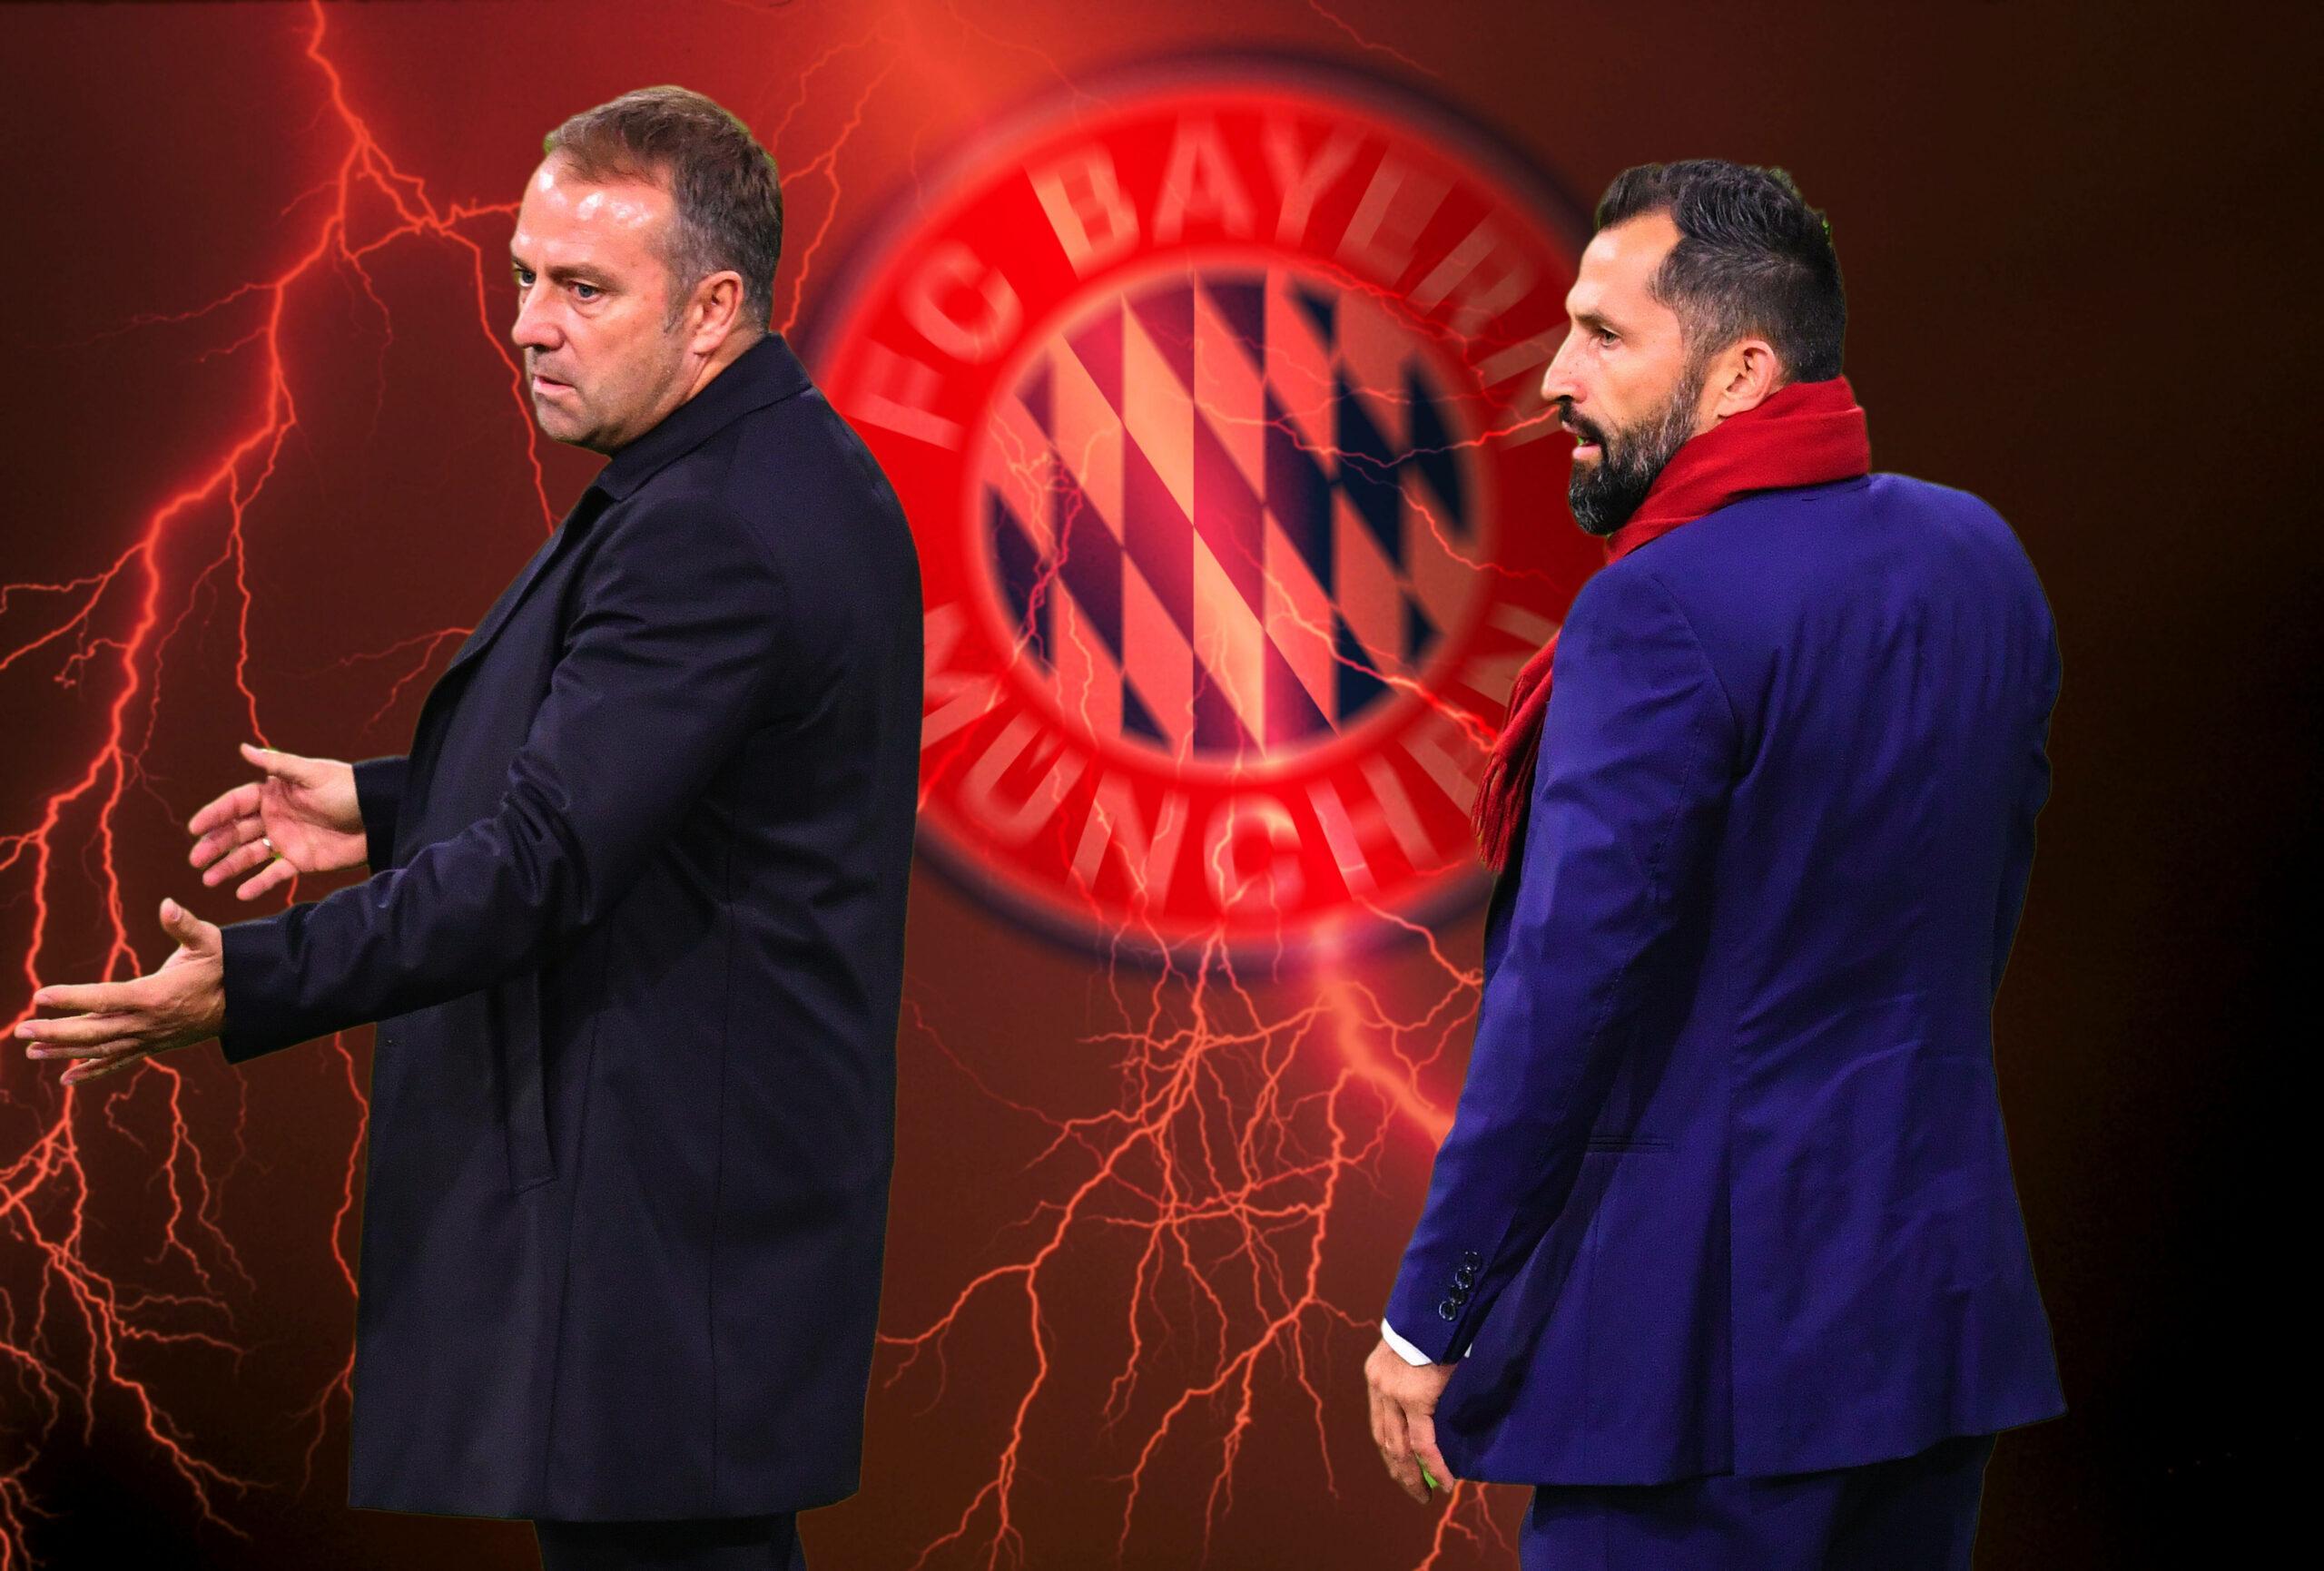 Hansi Flick vs. Hasan Salihamidzic